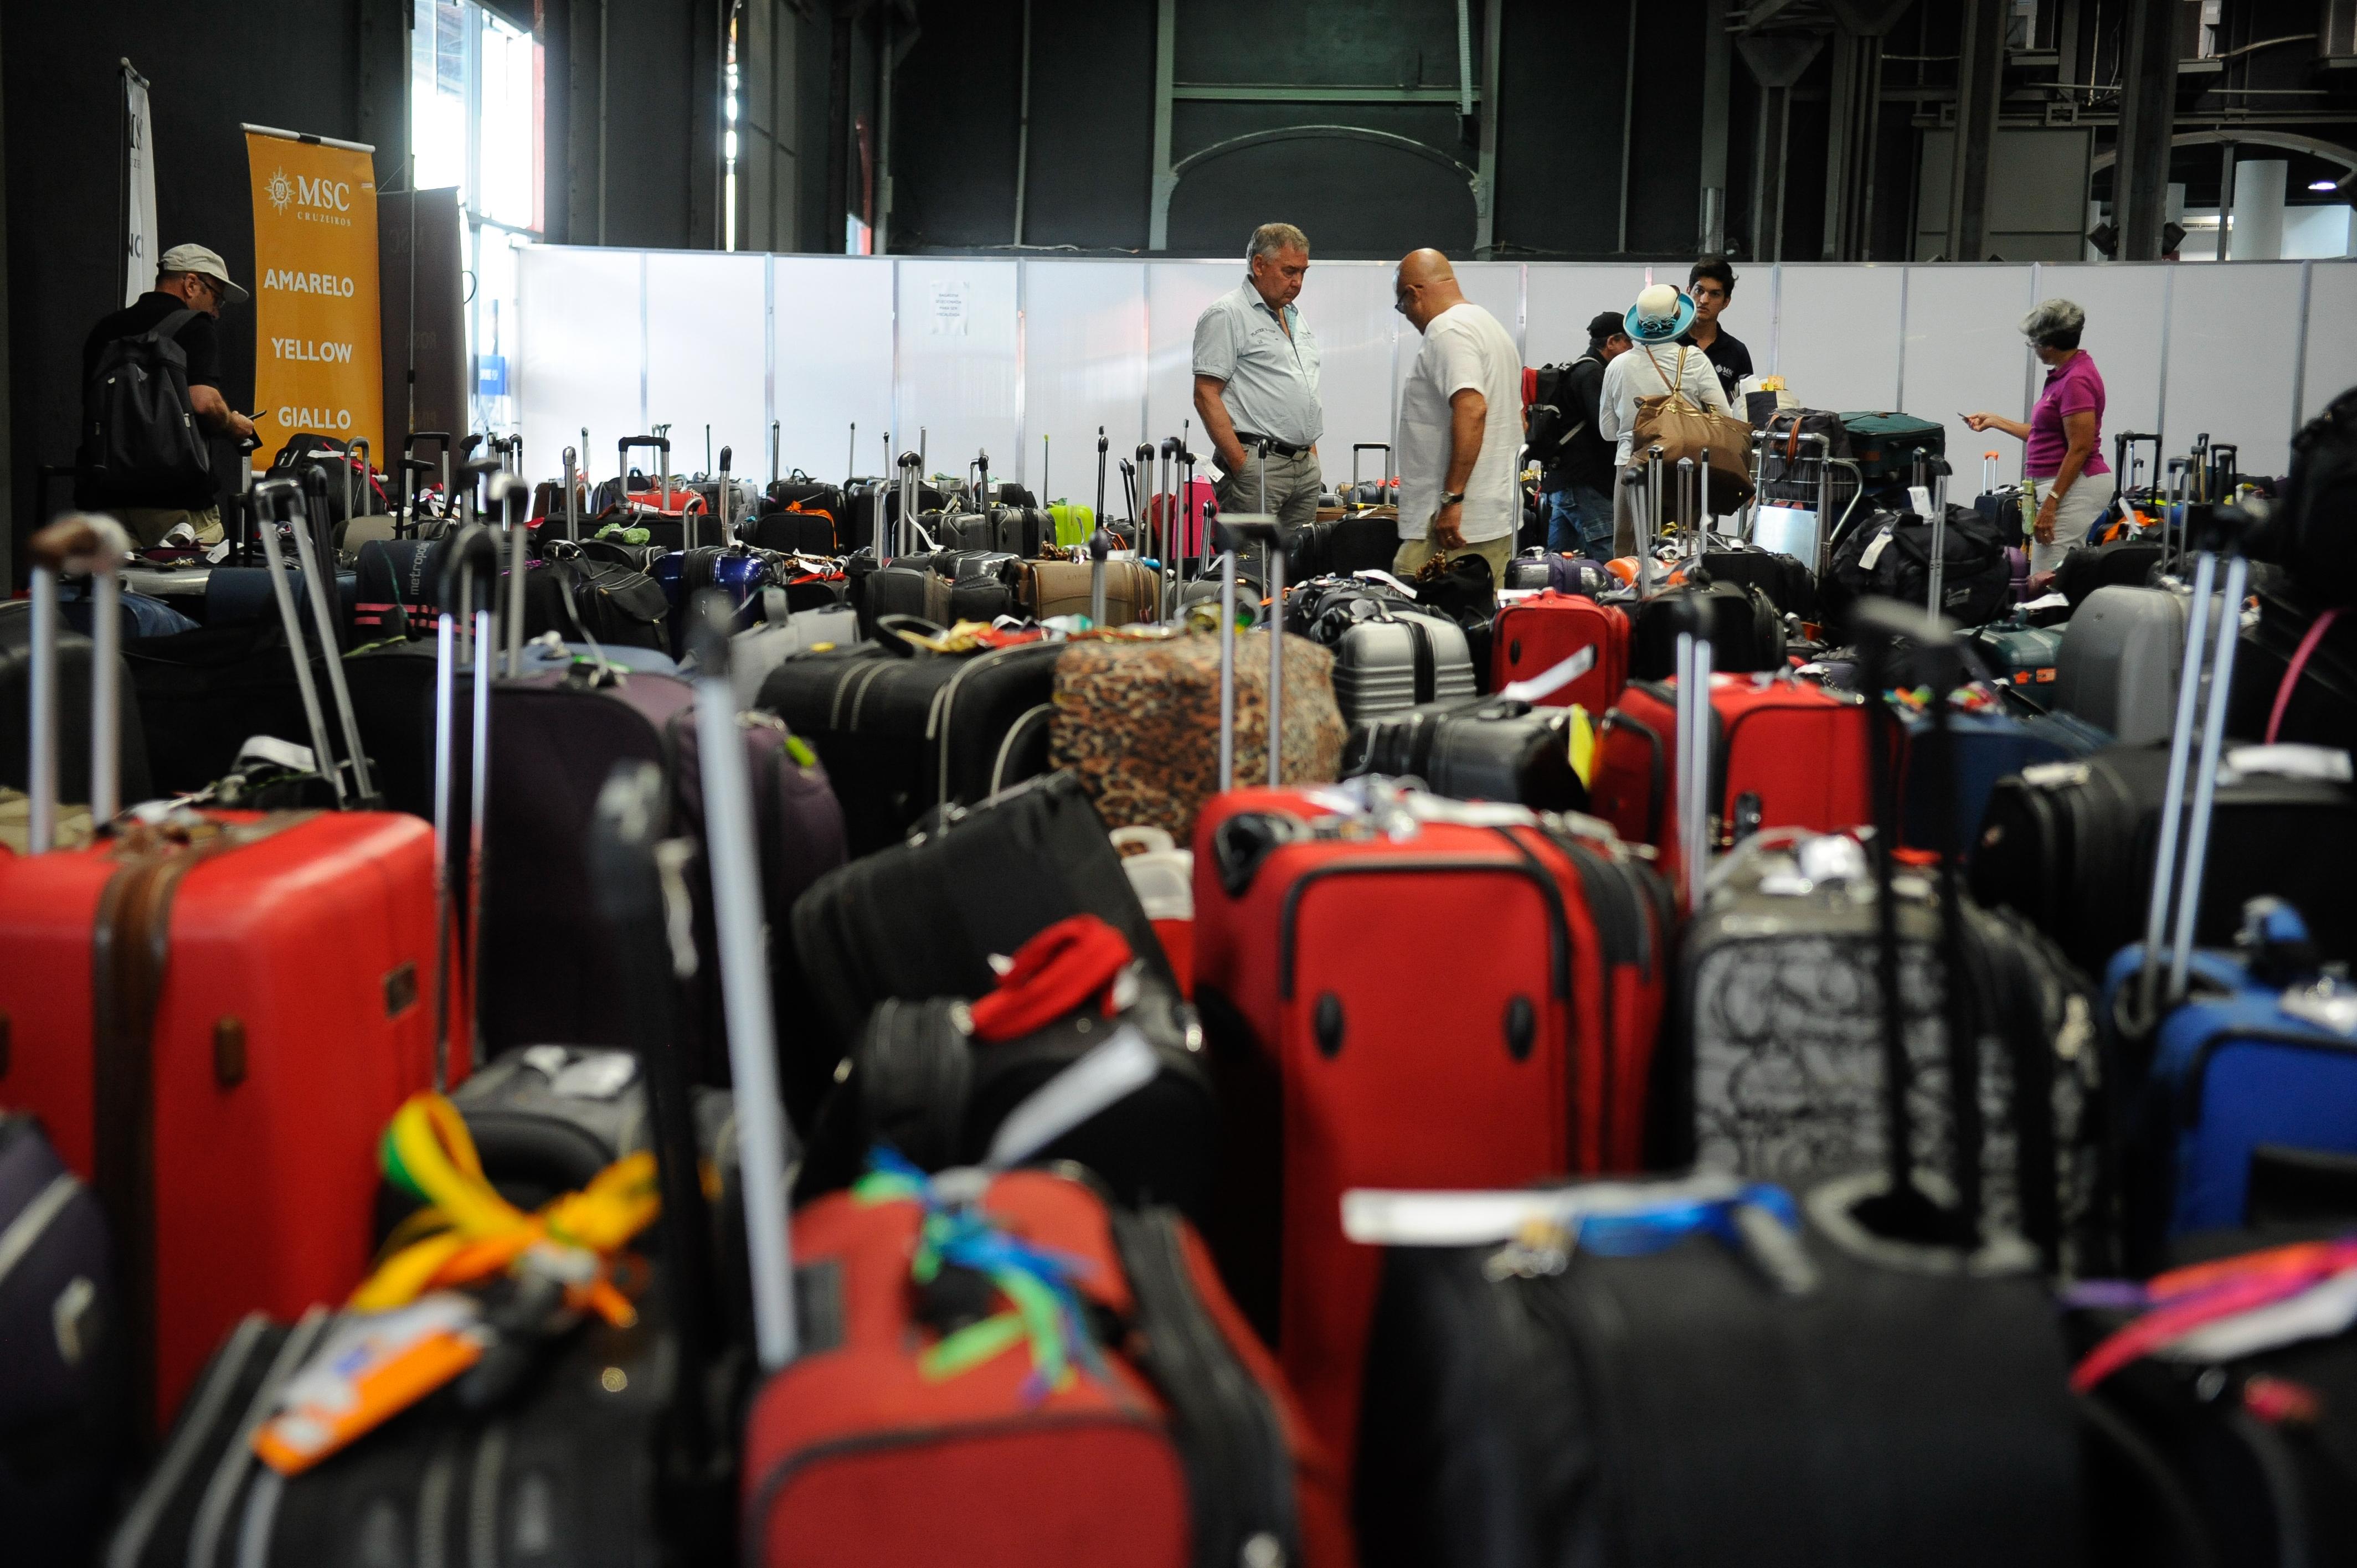 Resultado de imagem para nova politica de bagagens brasil